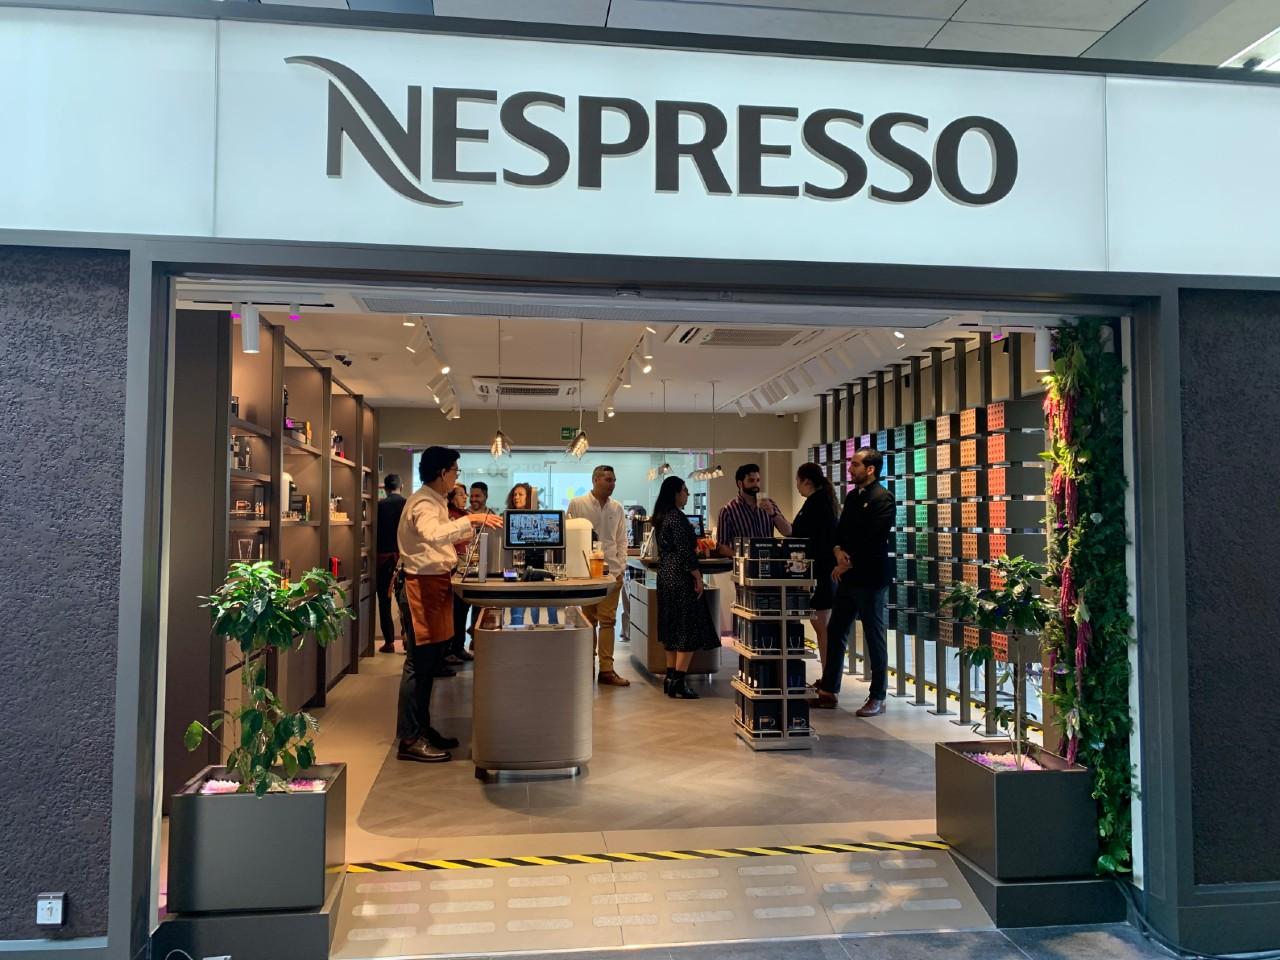 Nespresso invierte 7 mdp en boutique y busca expandir su negocio en tres años